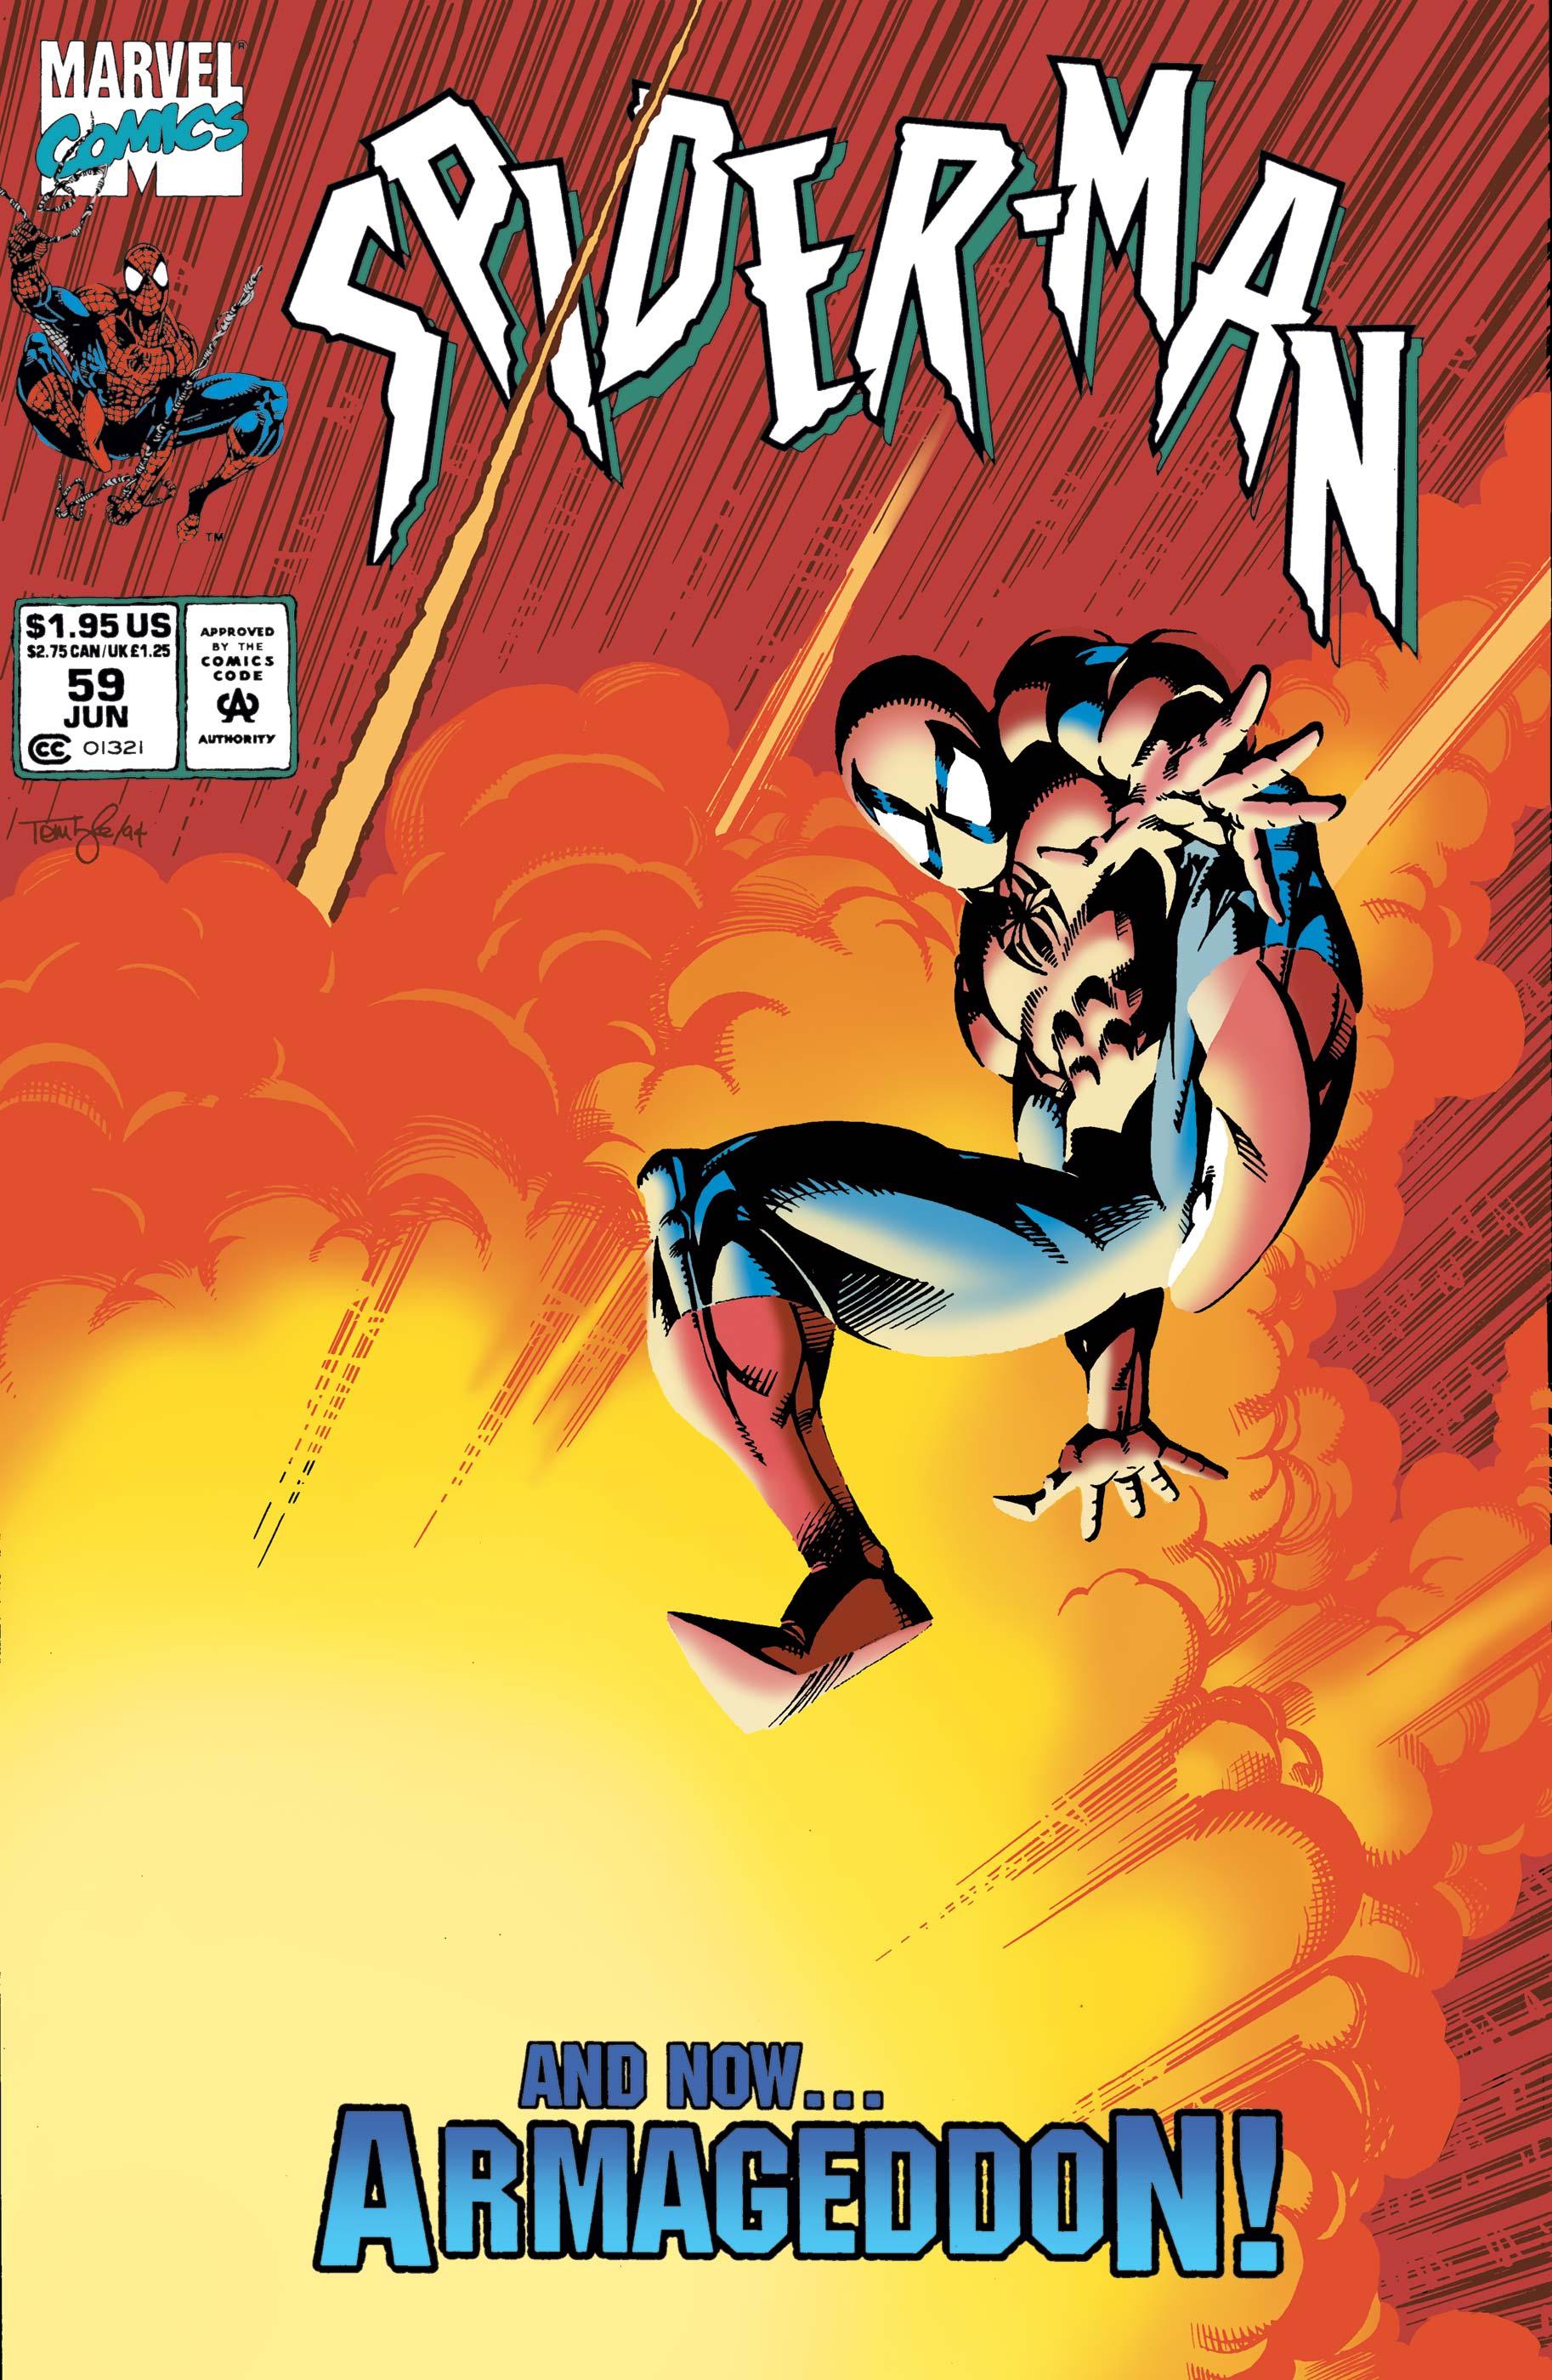 Spider-Man (1990) #59